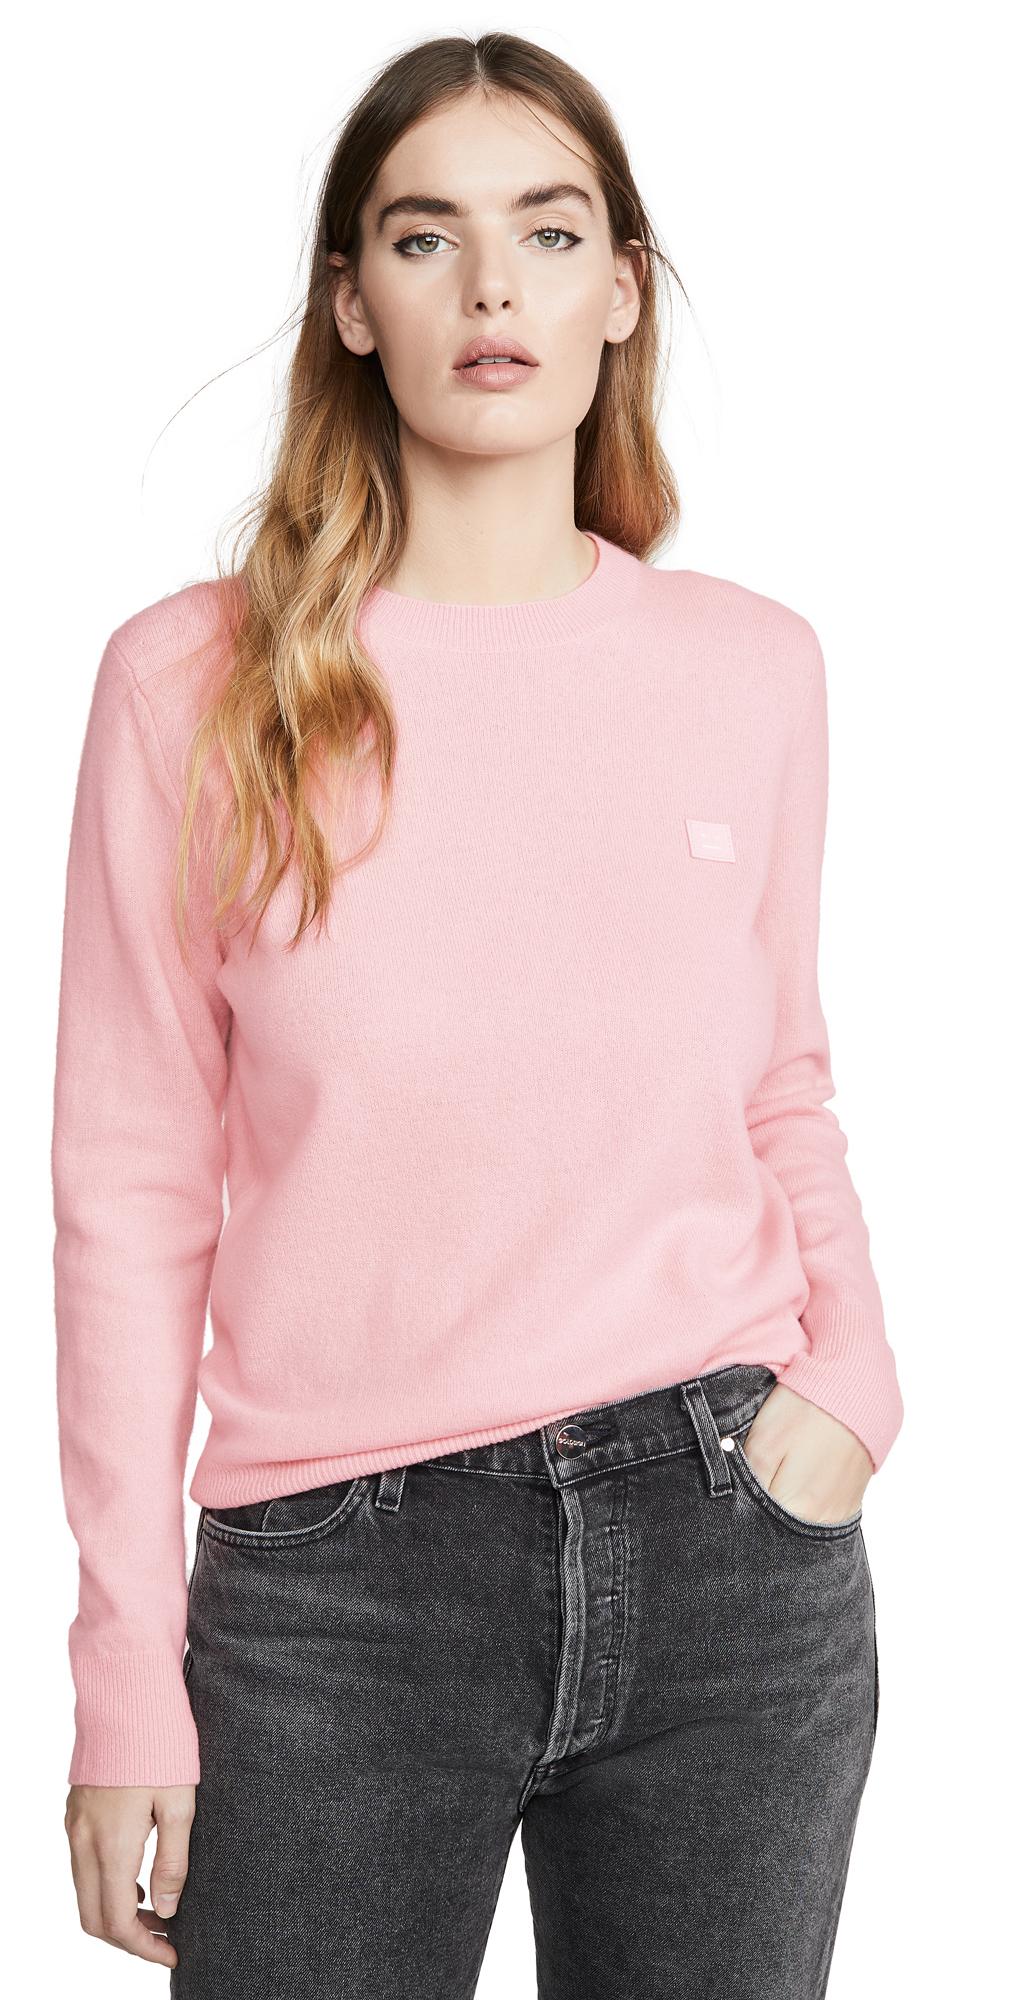 PAIGE Raundi Sweater (Copy)